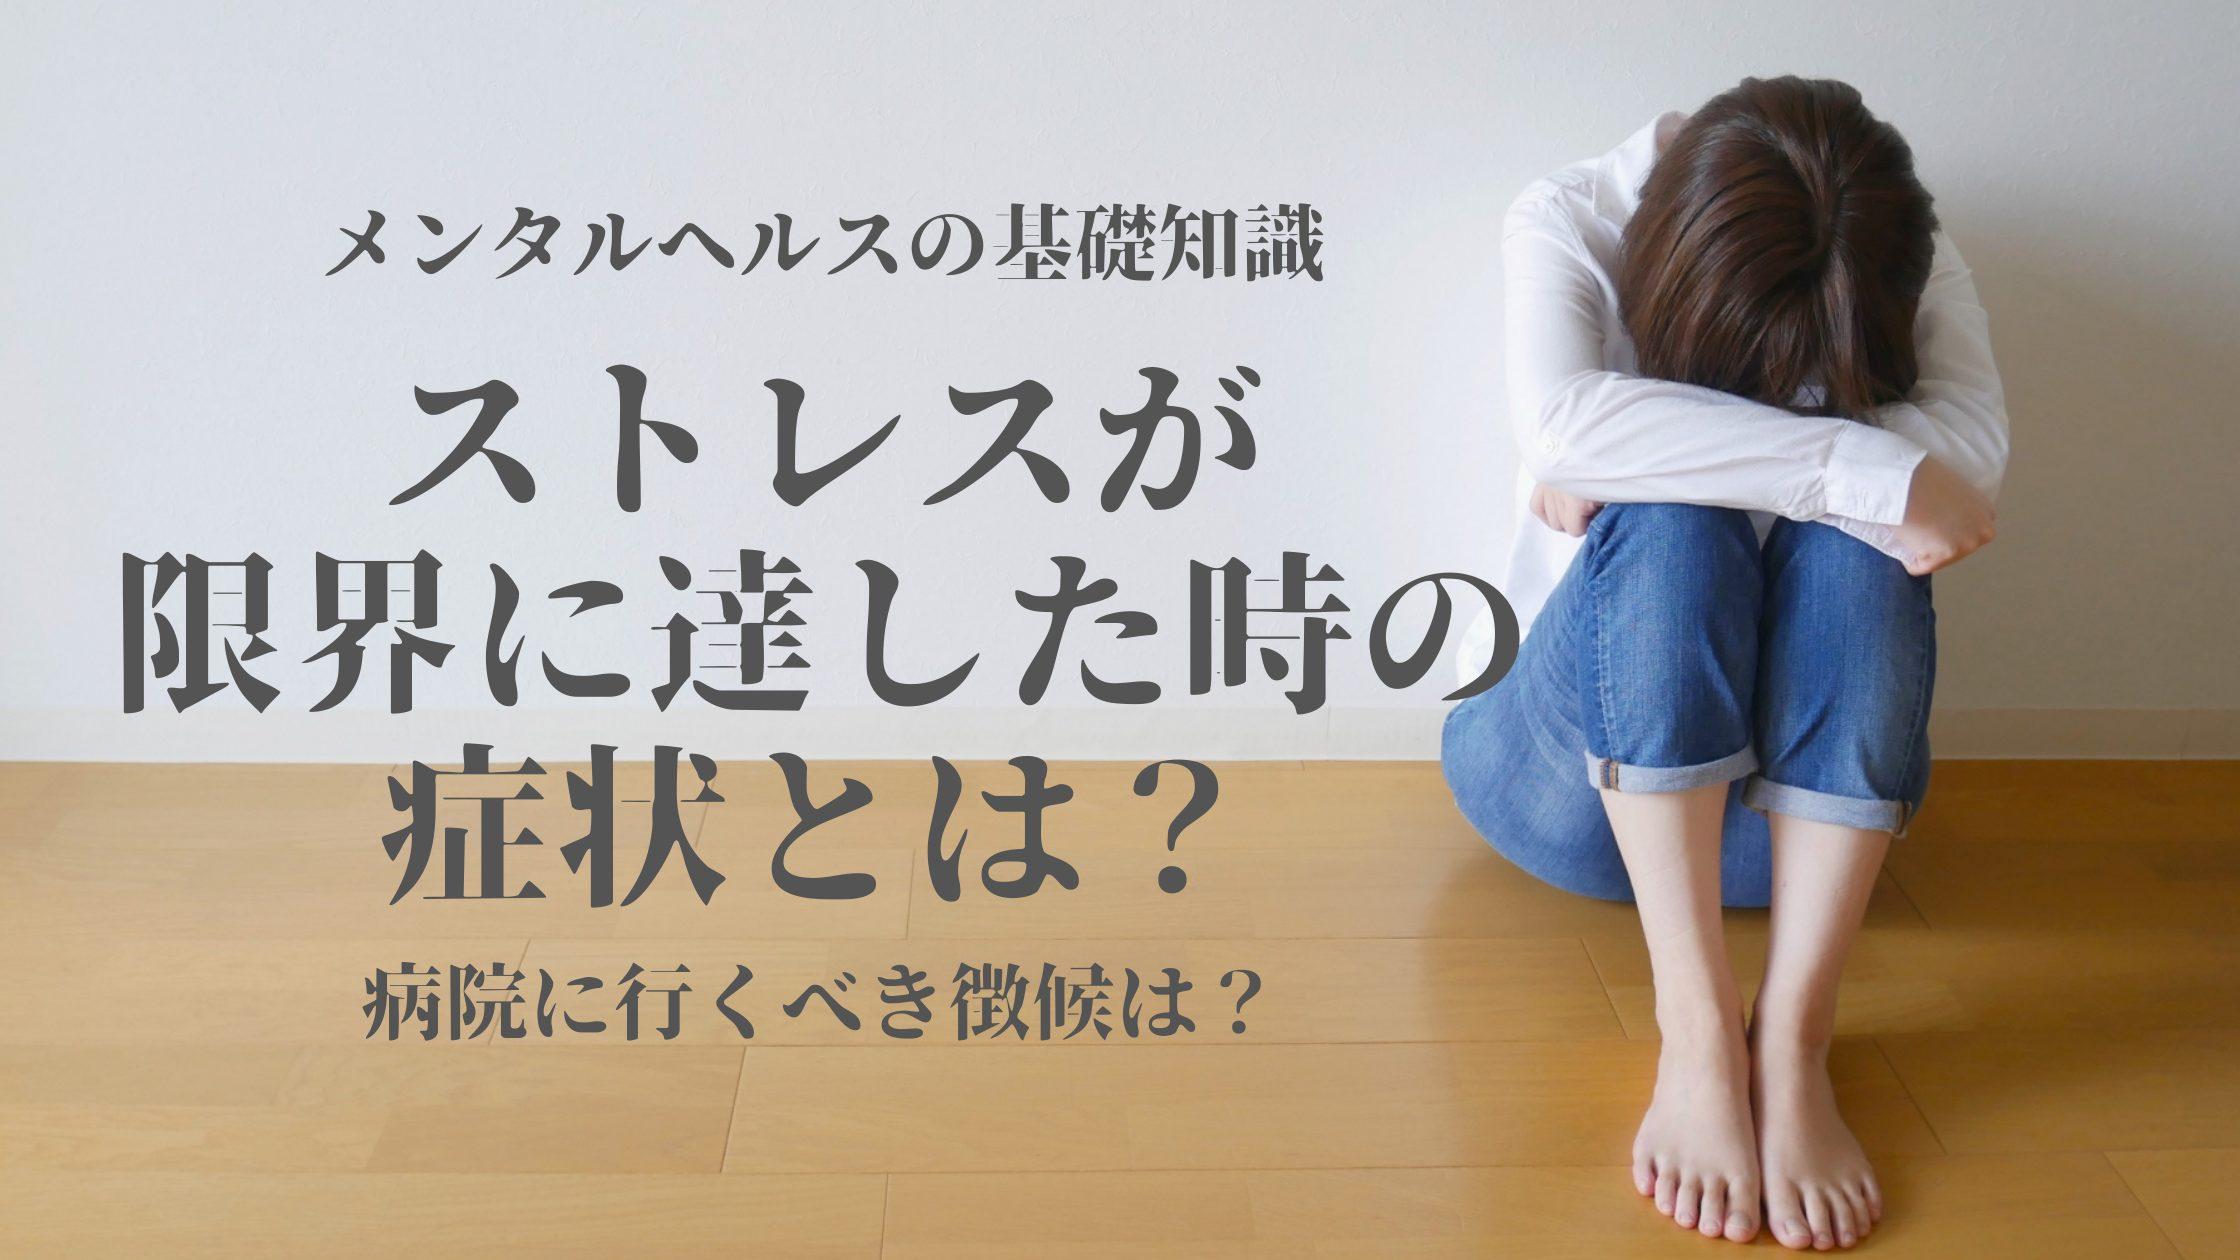 ストレスが限界に達したときに出る症状・病院に行くべき徴候は?精神科医が解説!